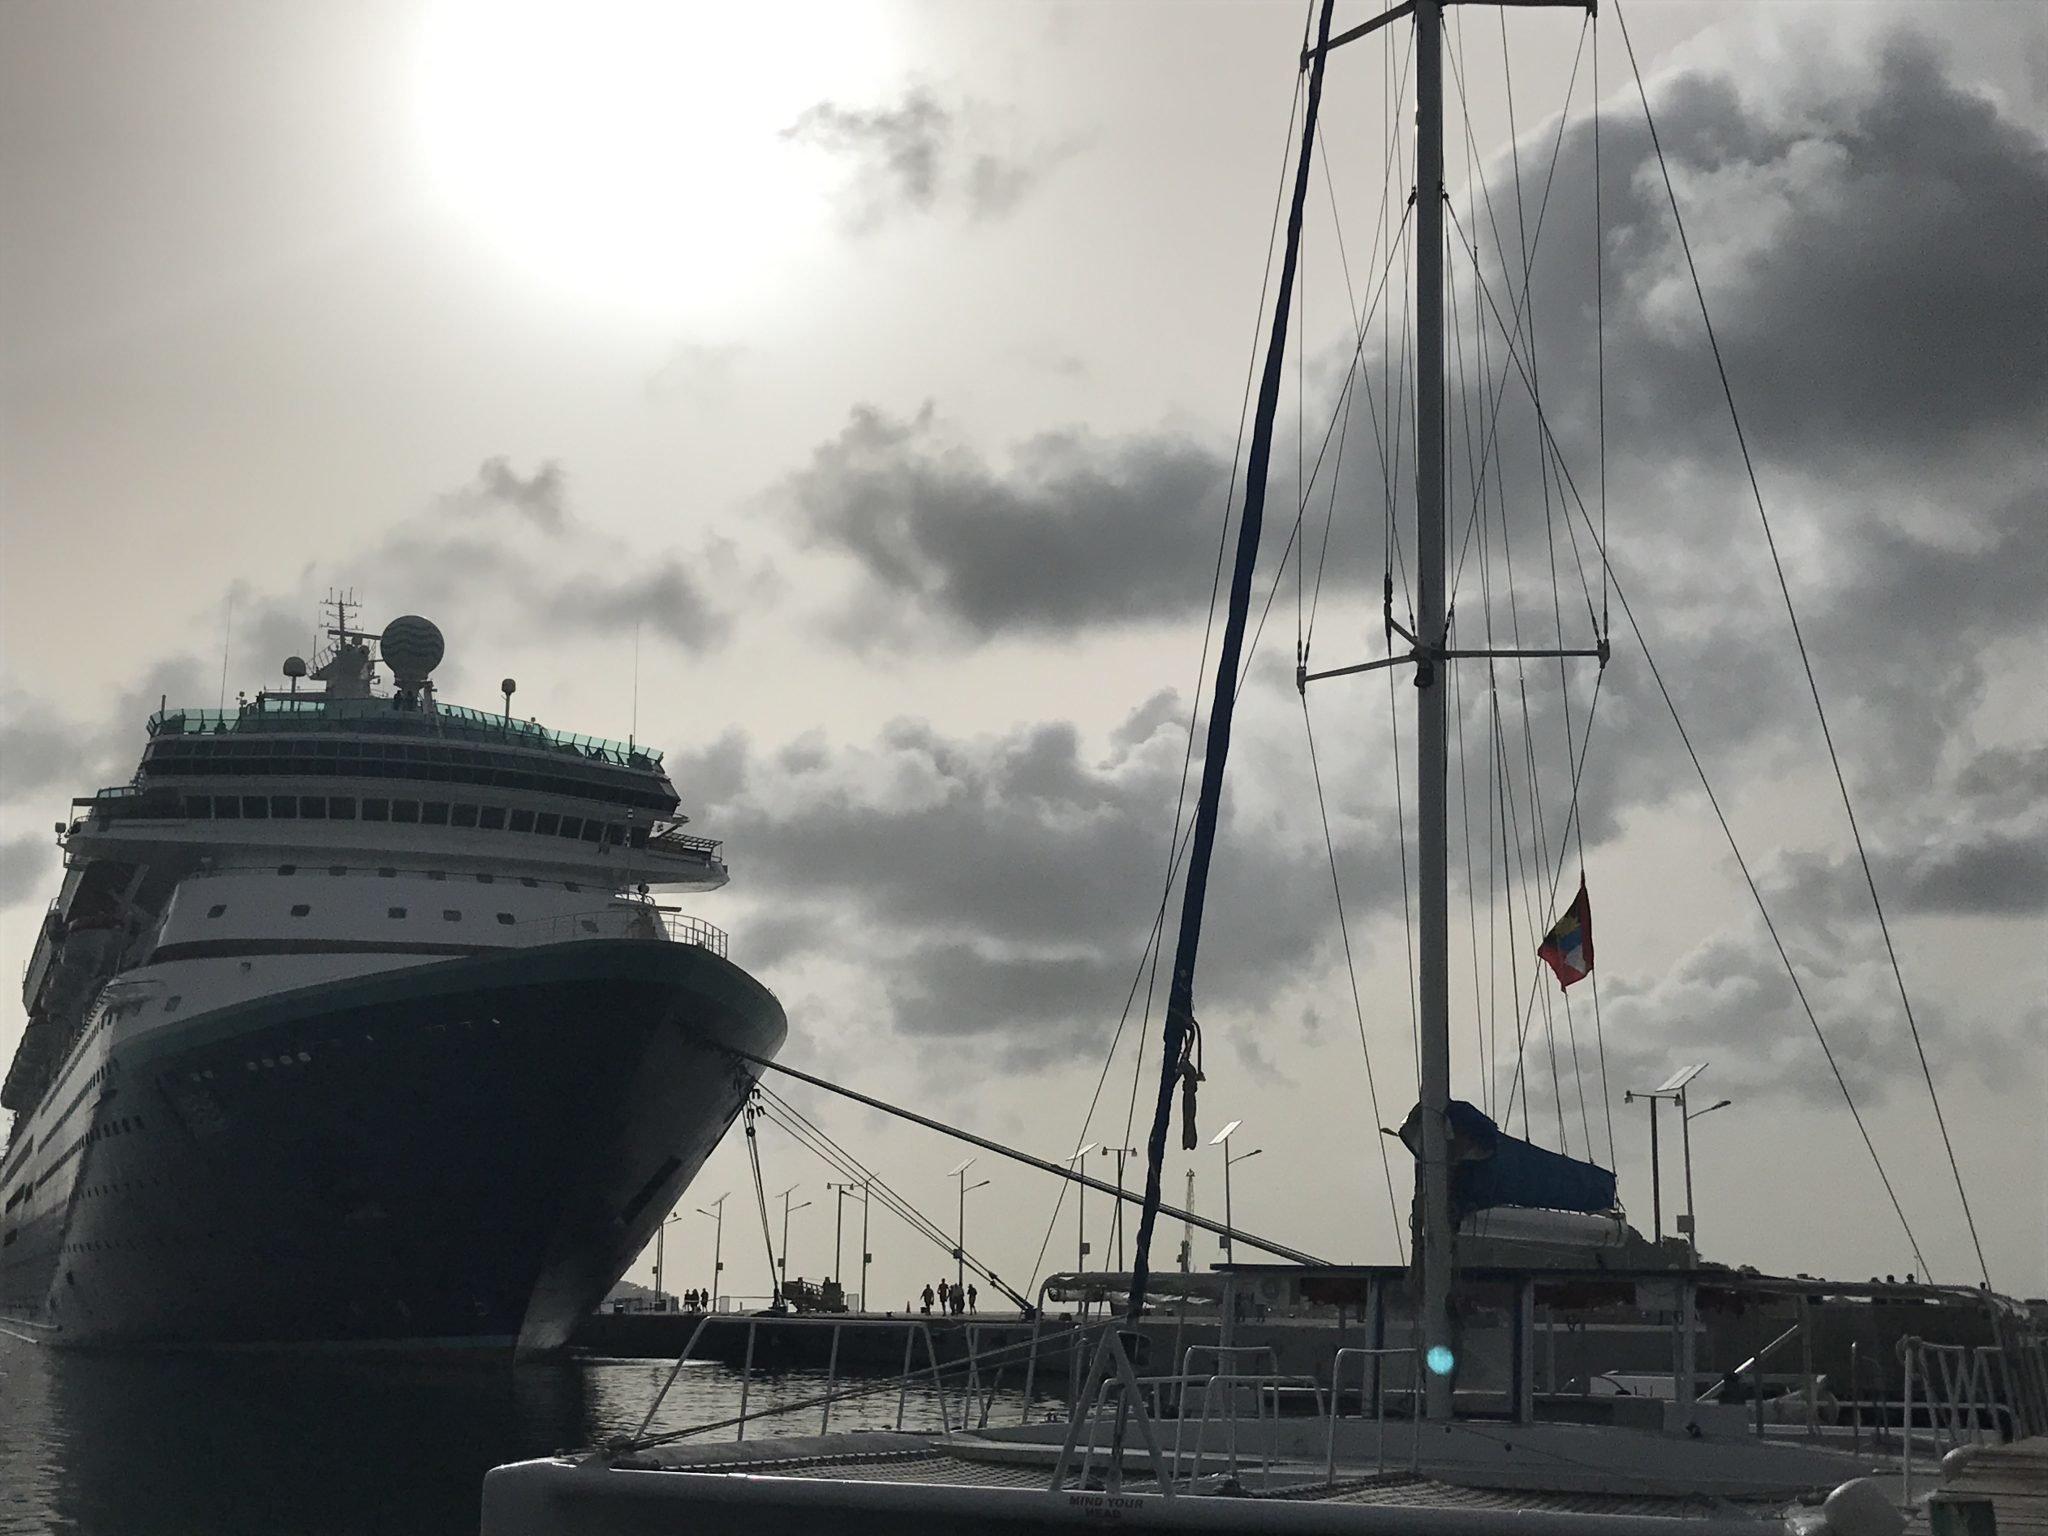 Viagem de navio: como funciona o procedimento de desembarque?